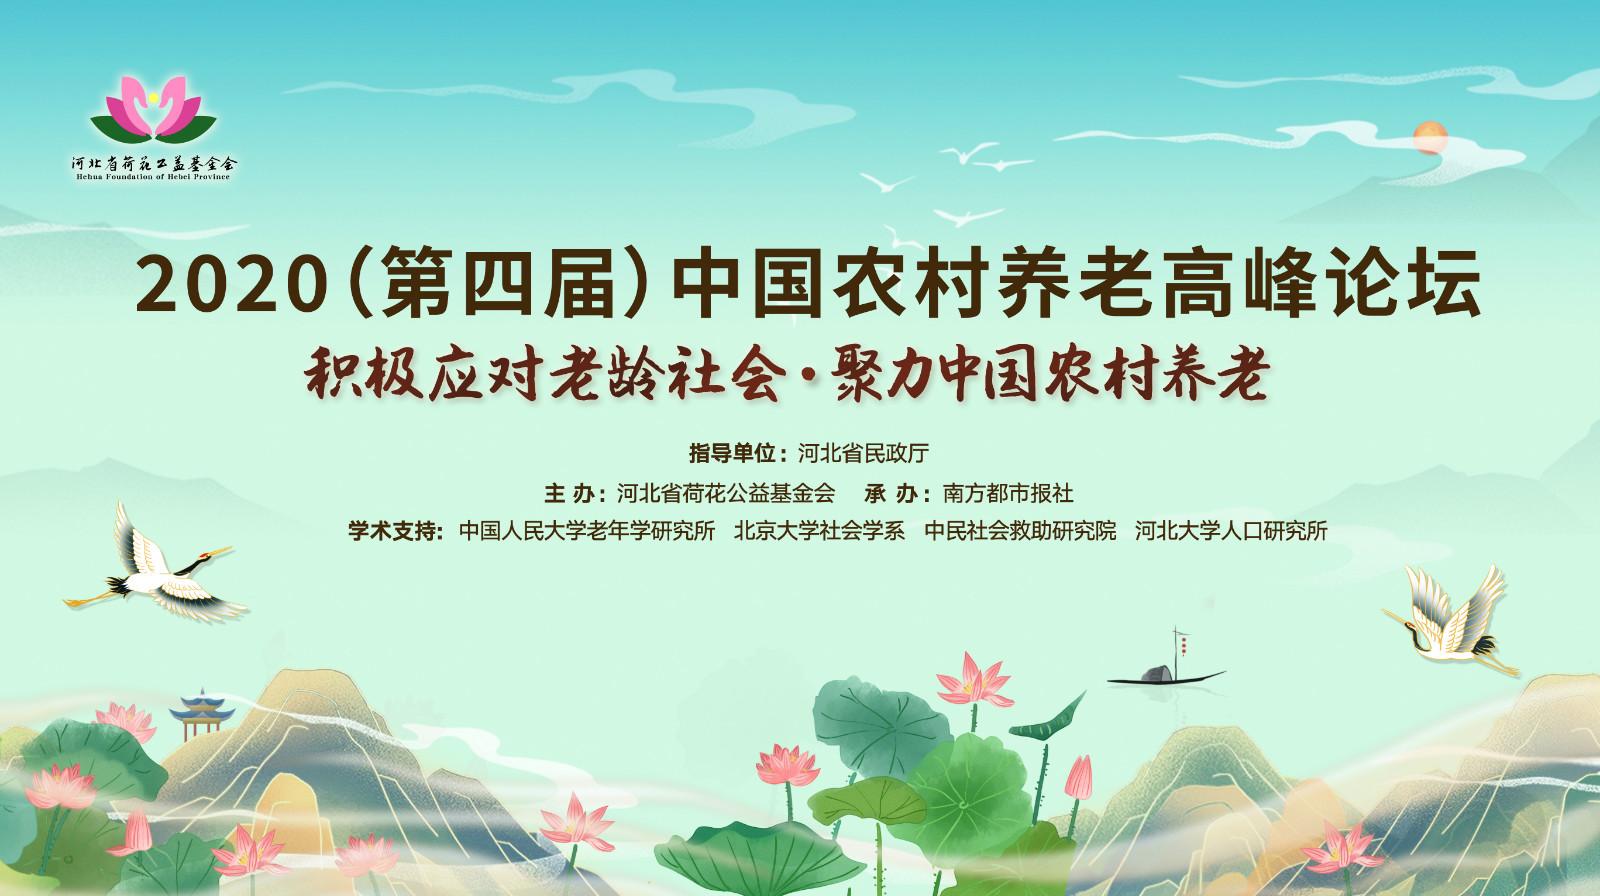 老龄社会农村老人如何不掉队?第四届中国农村养老高峰论坛召开